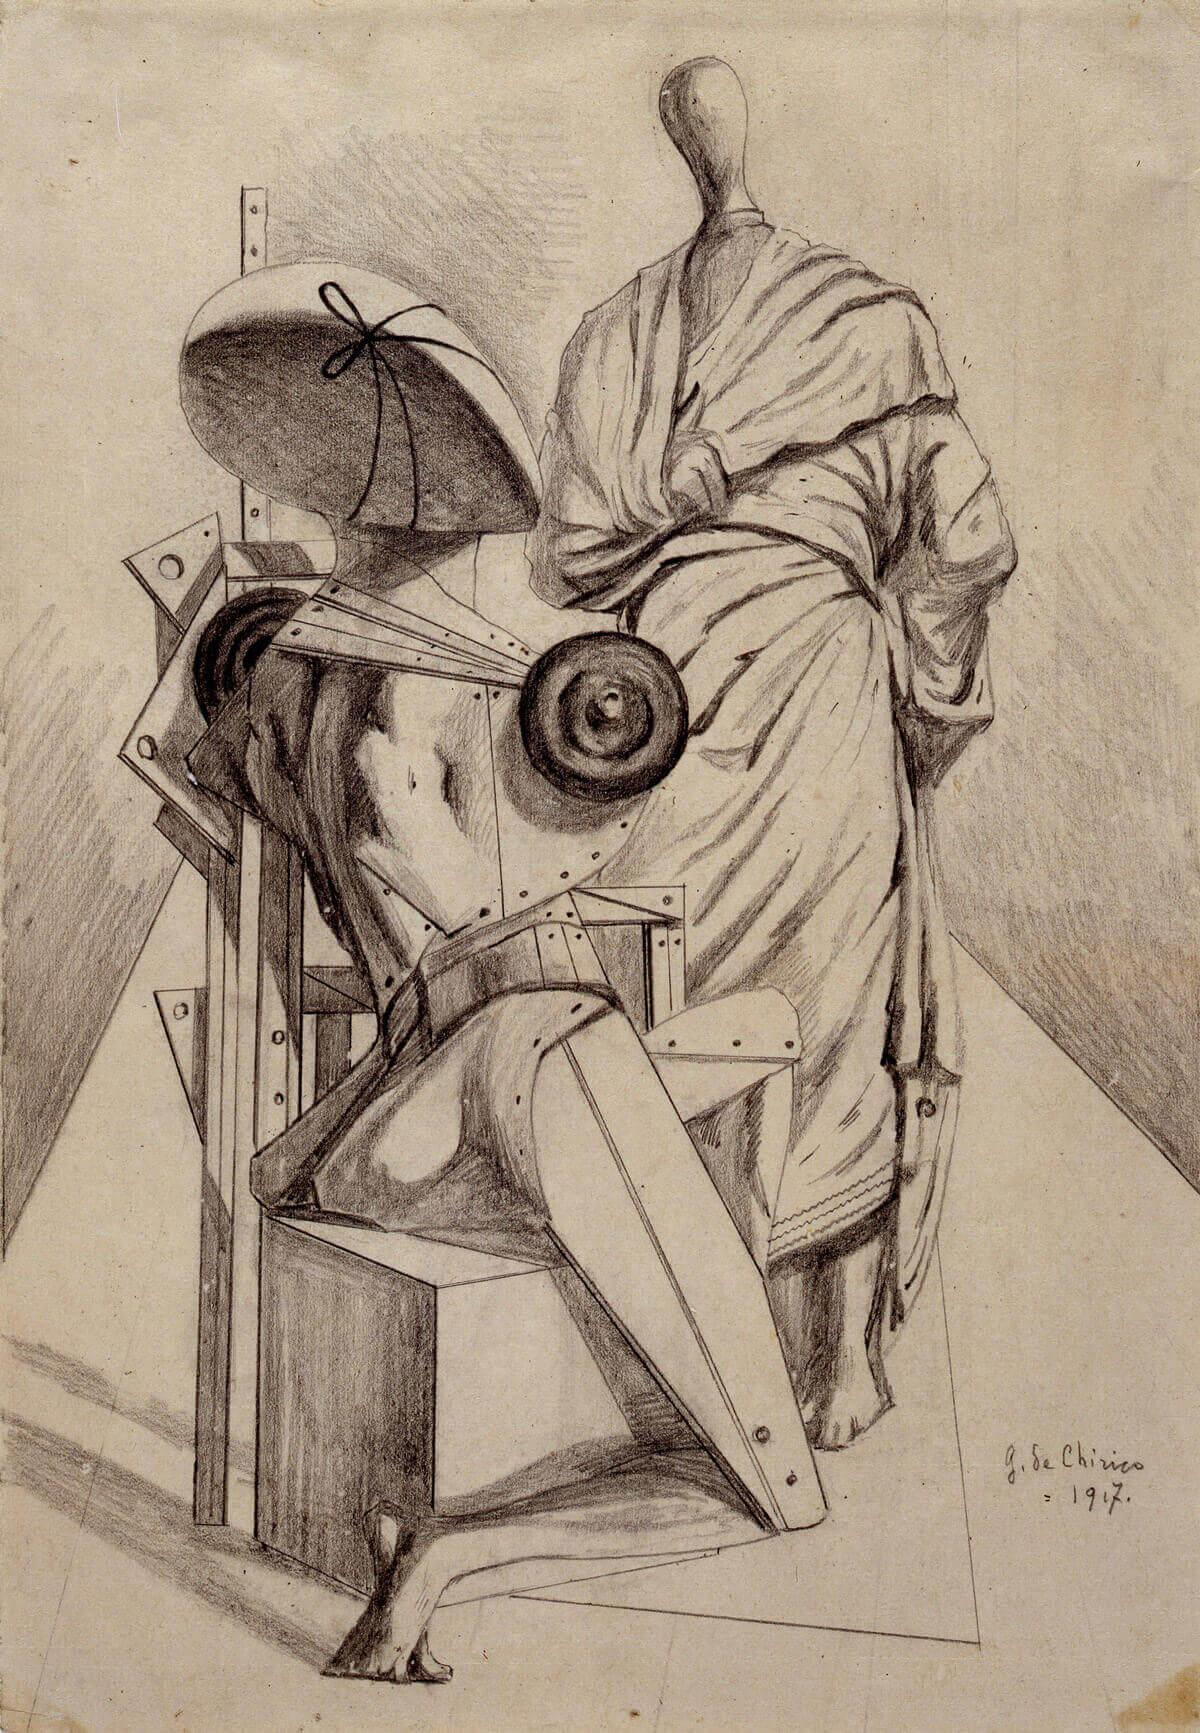 Giorgio de Chirico, Aparición (1917).